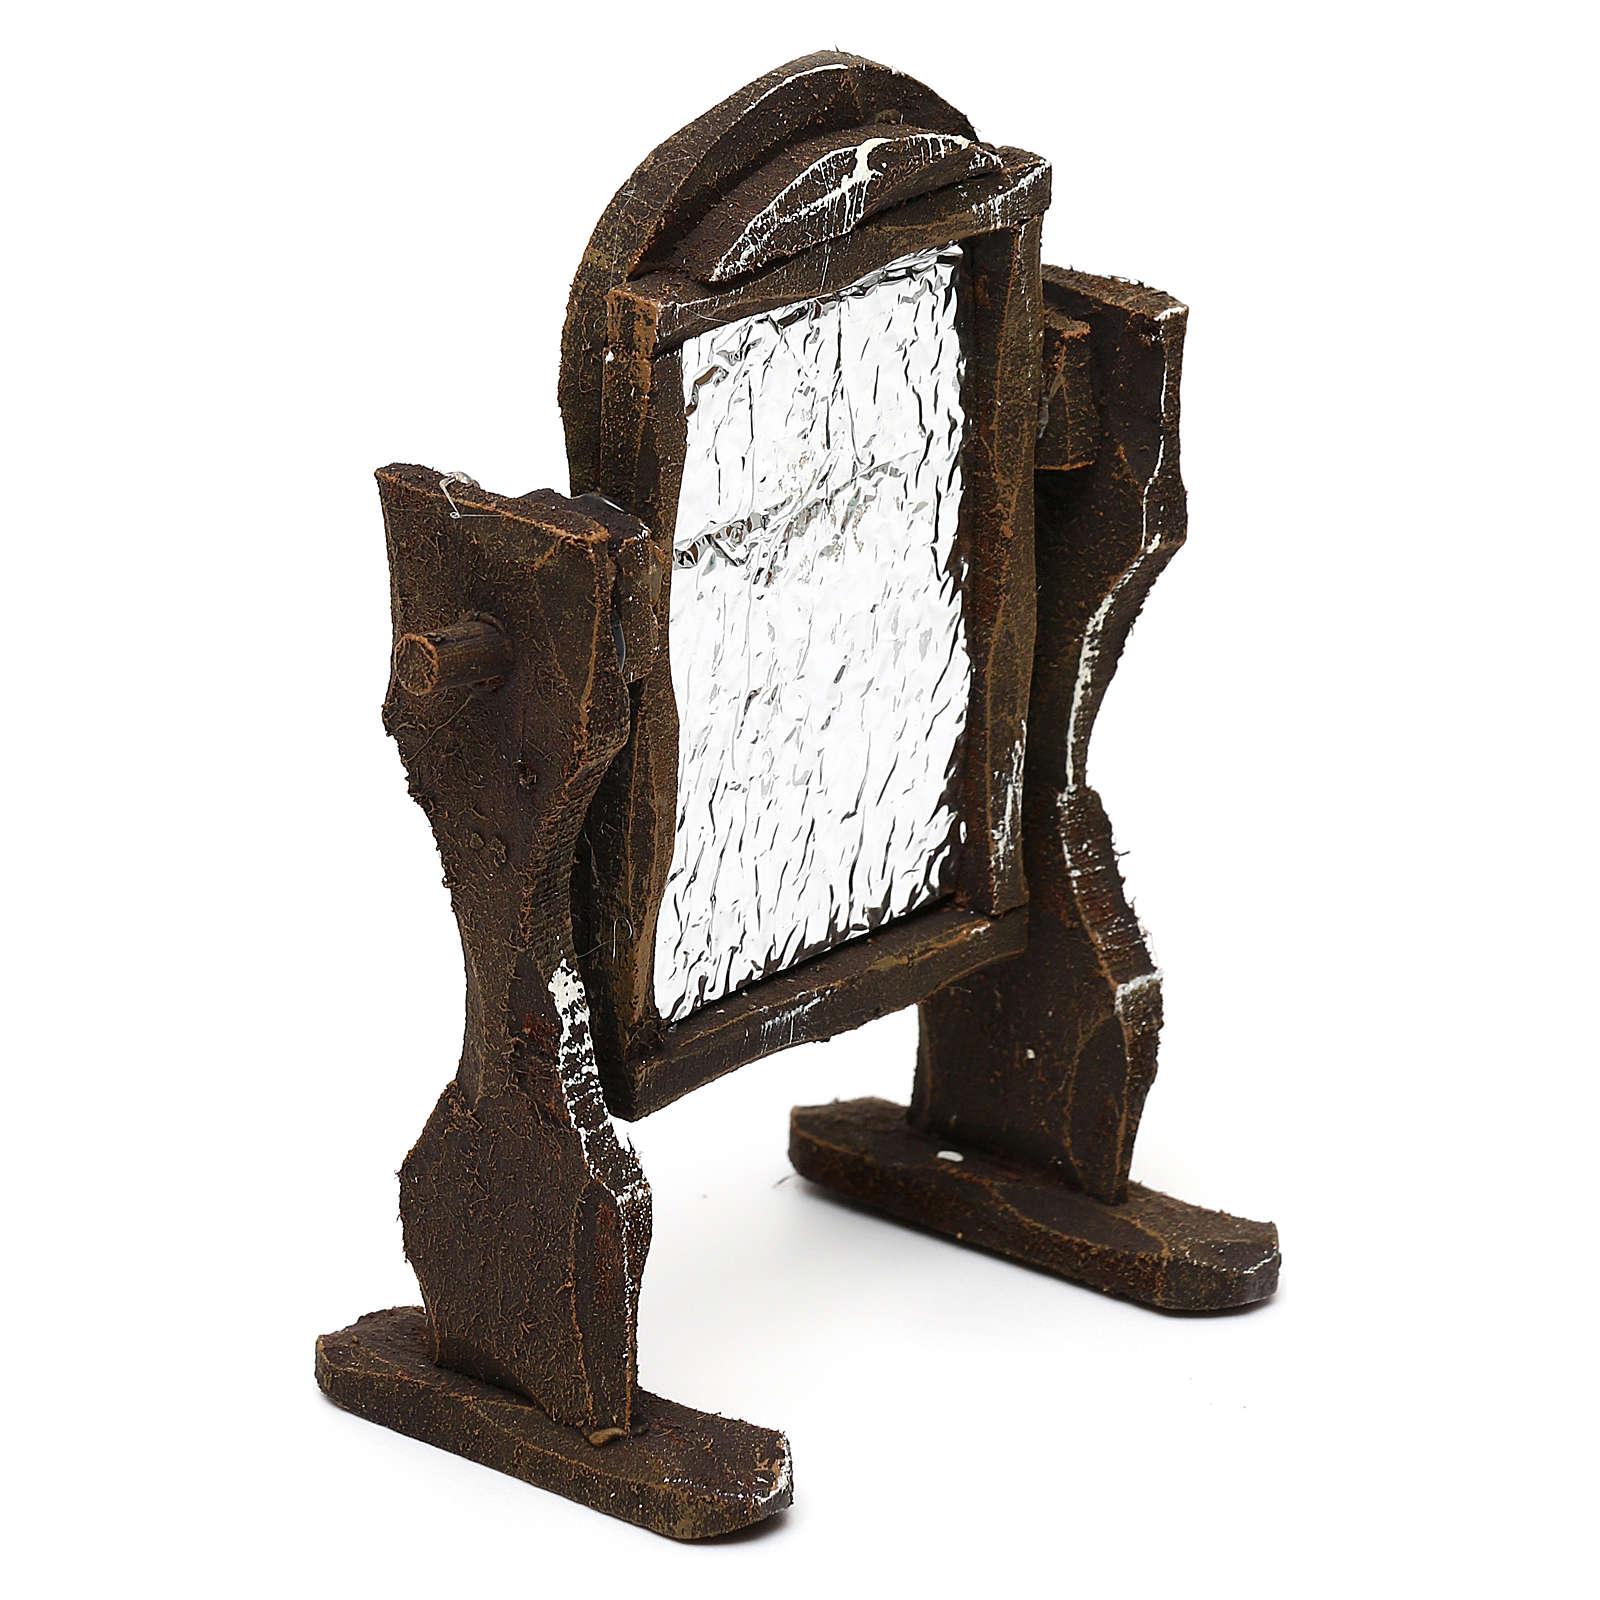 Specchiera legno e carta stagnola presepi 10 cm 10x5x5 cm 4